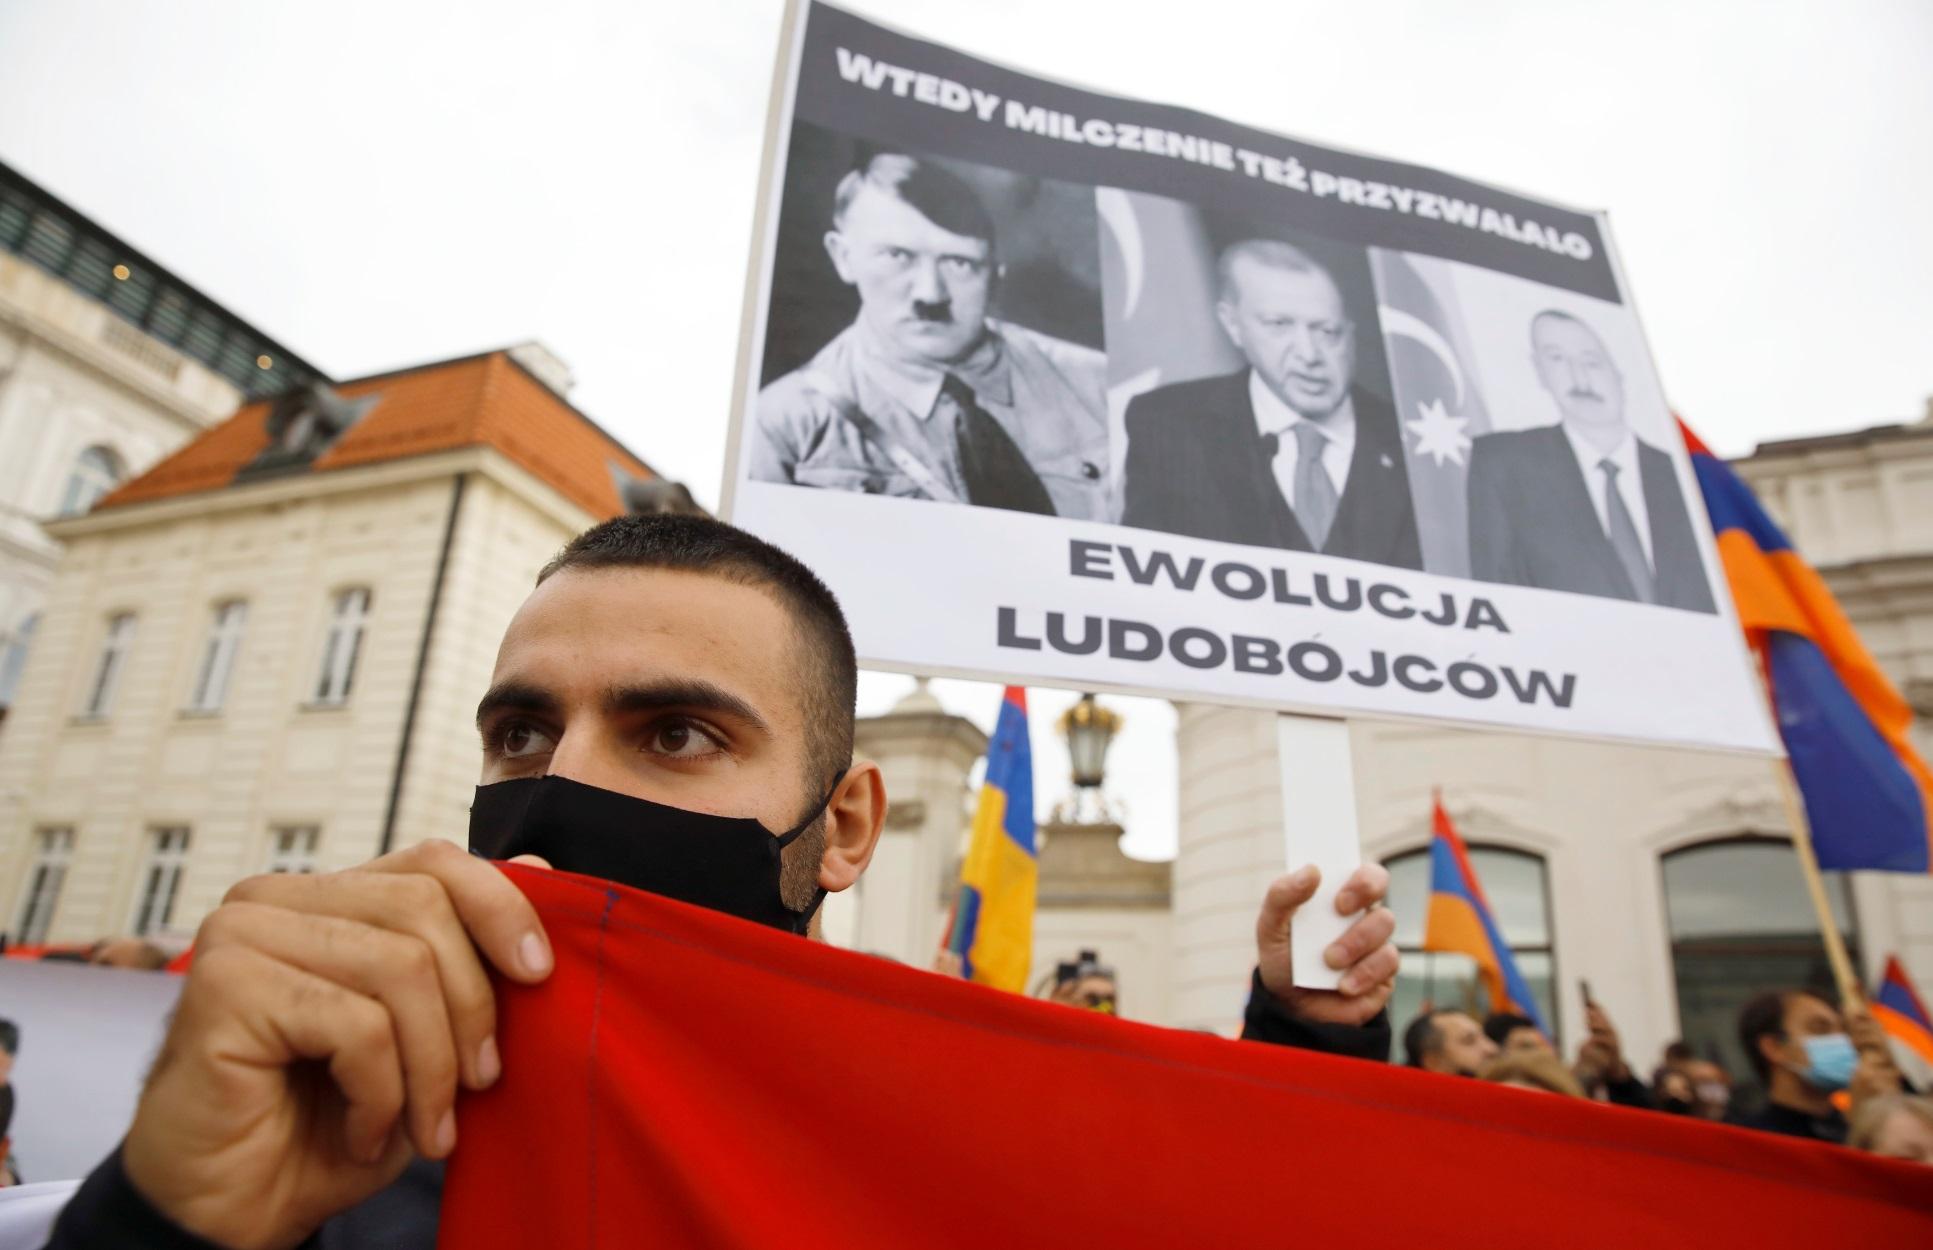 """Ναγκόρνο Καραμπάχ: """"Πόλεμος τρομοκρατίας που υποκίνησε η Τουρκία"""" καταγγέλλει ο Πασινιάν"""